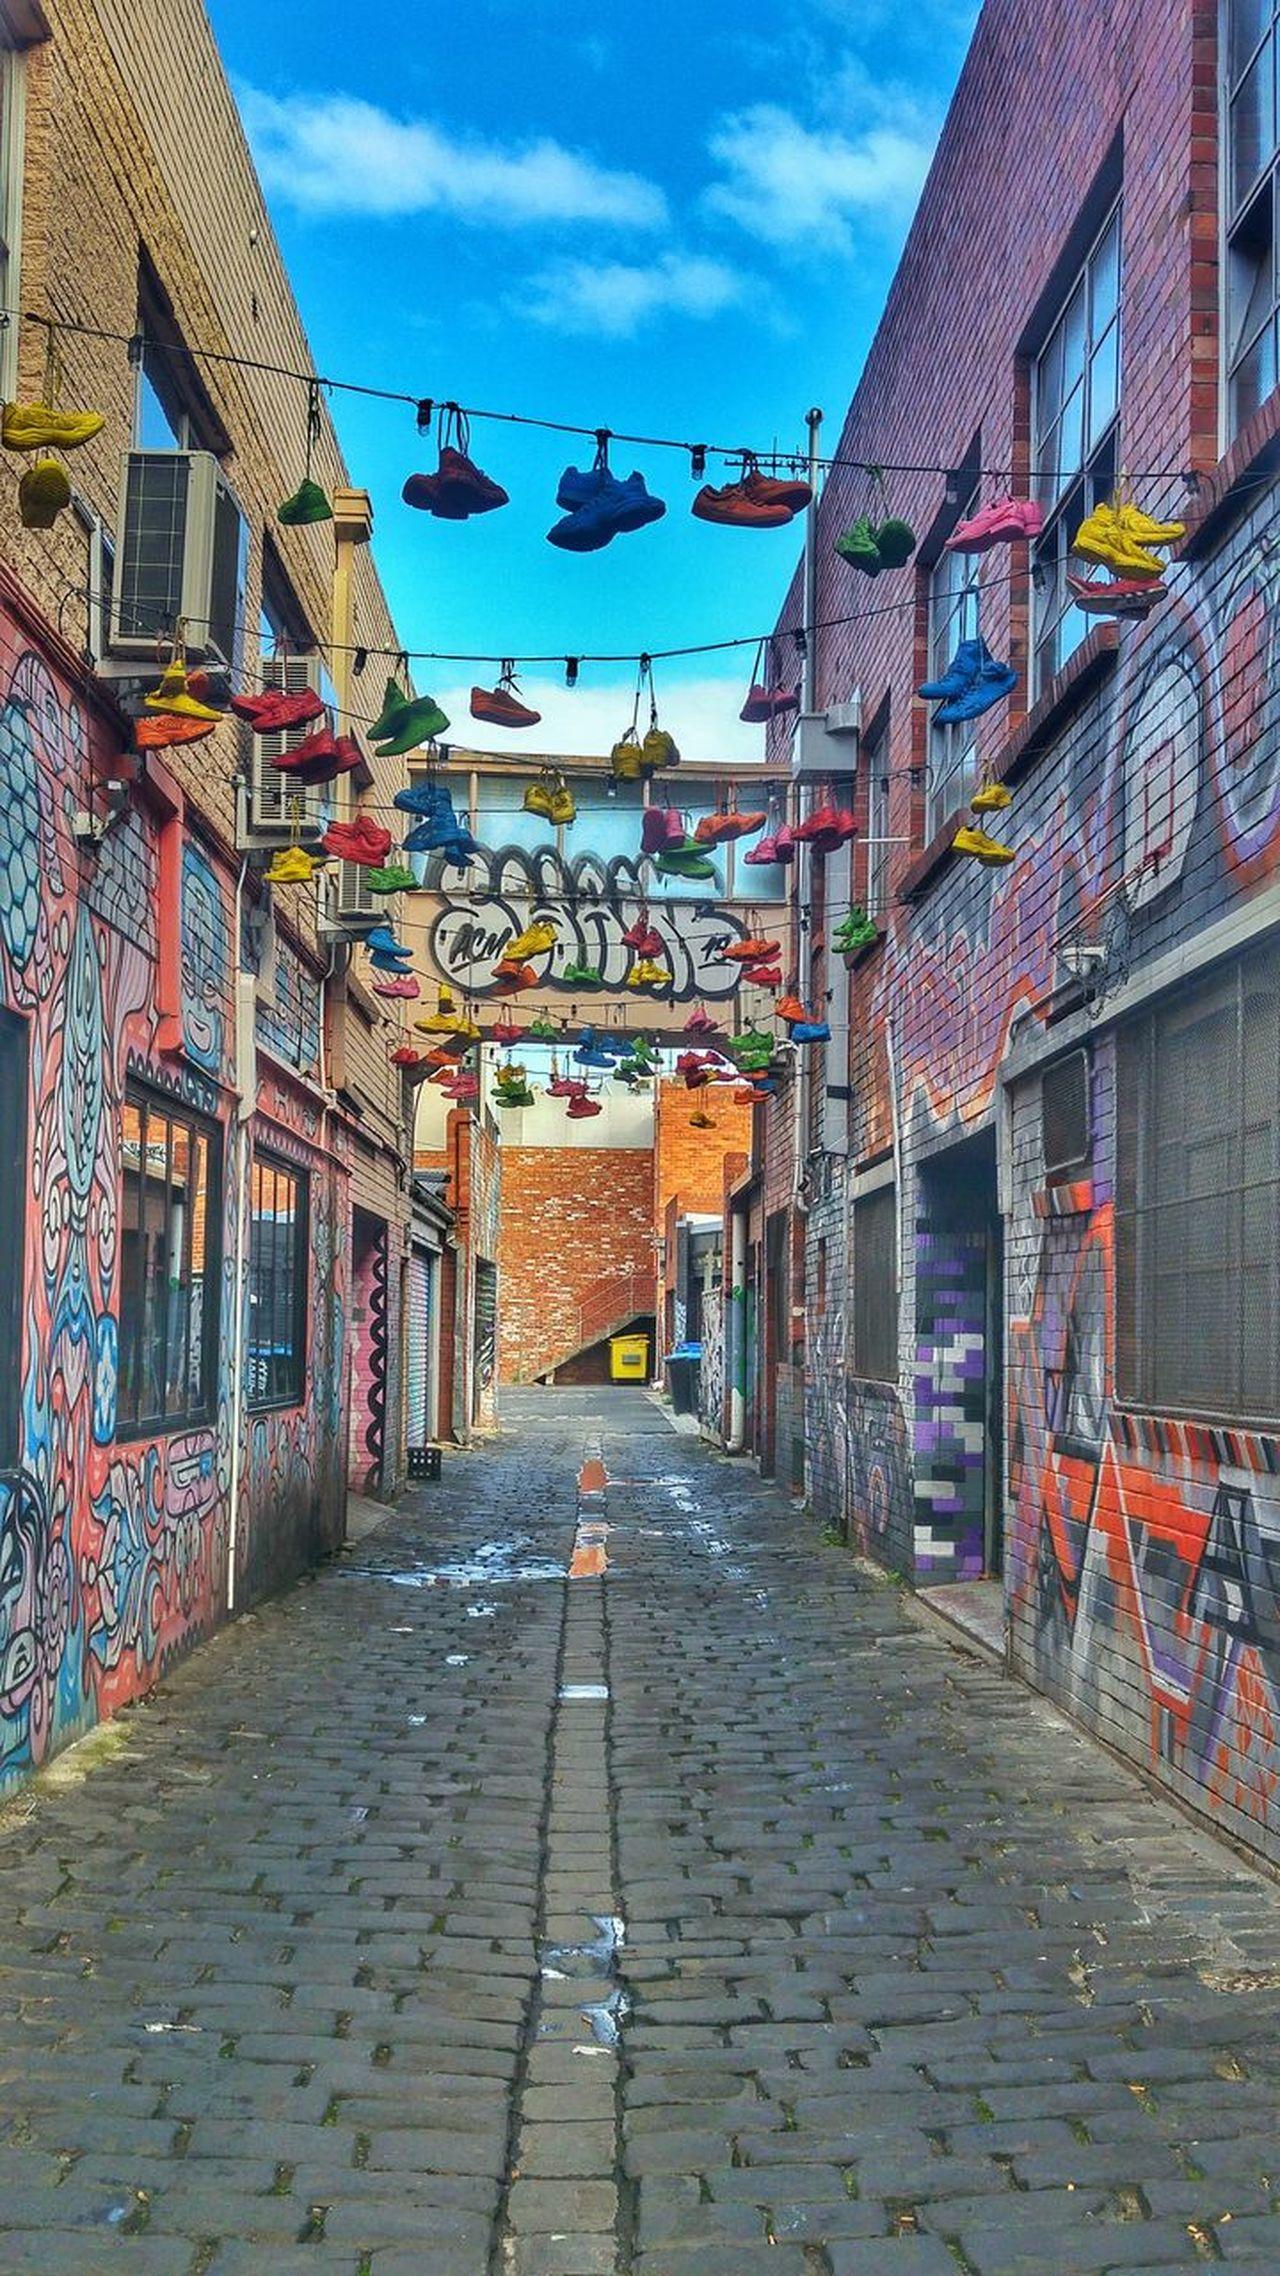 Urbangrunge Prahran Lanewaysofmelbourne BestEyeemShots Picoftheday Streetart